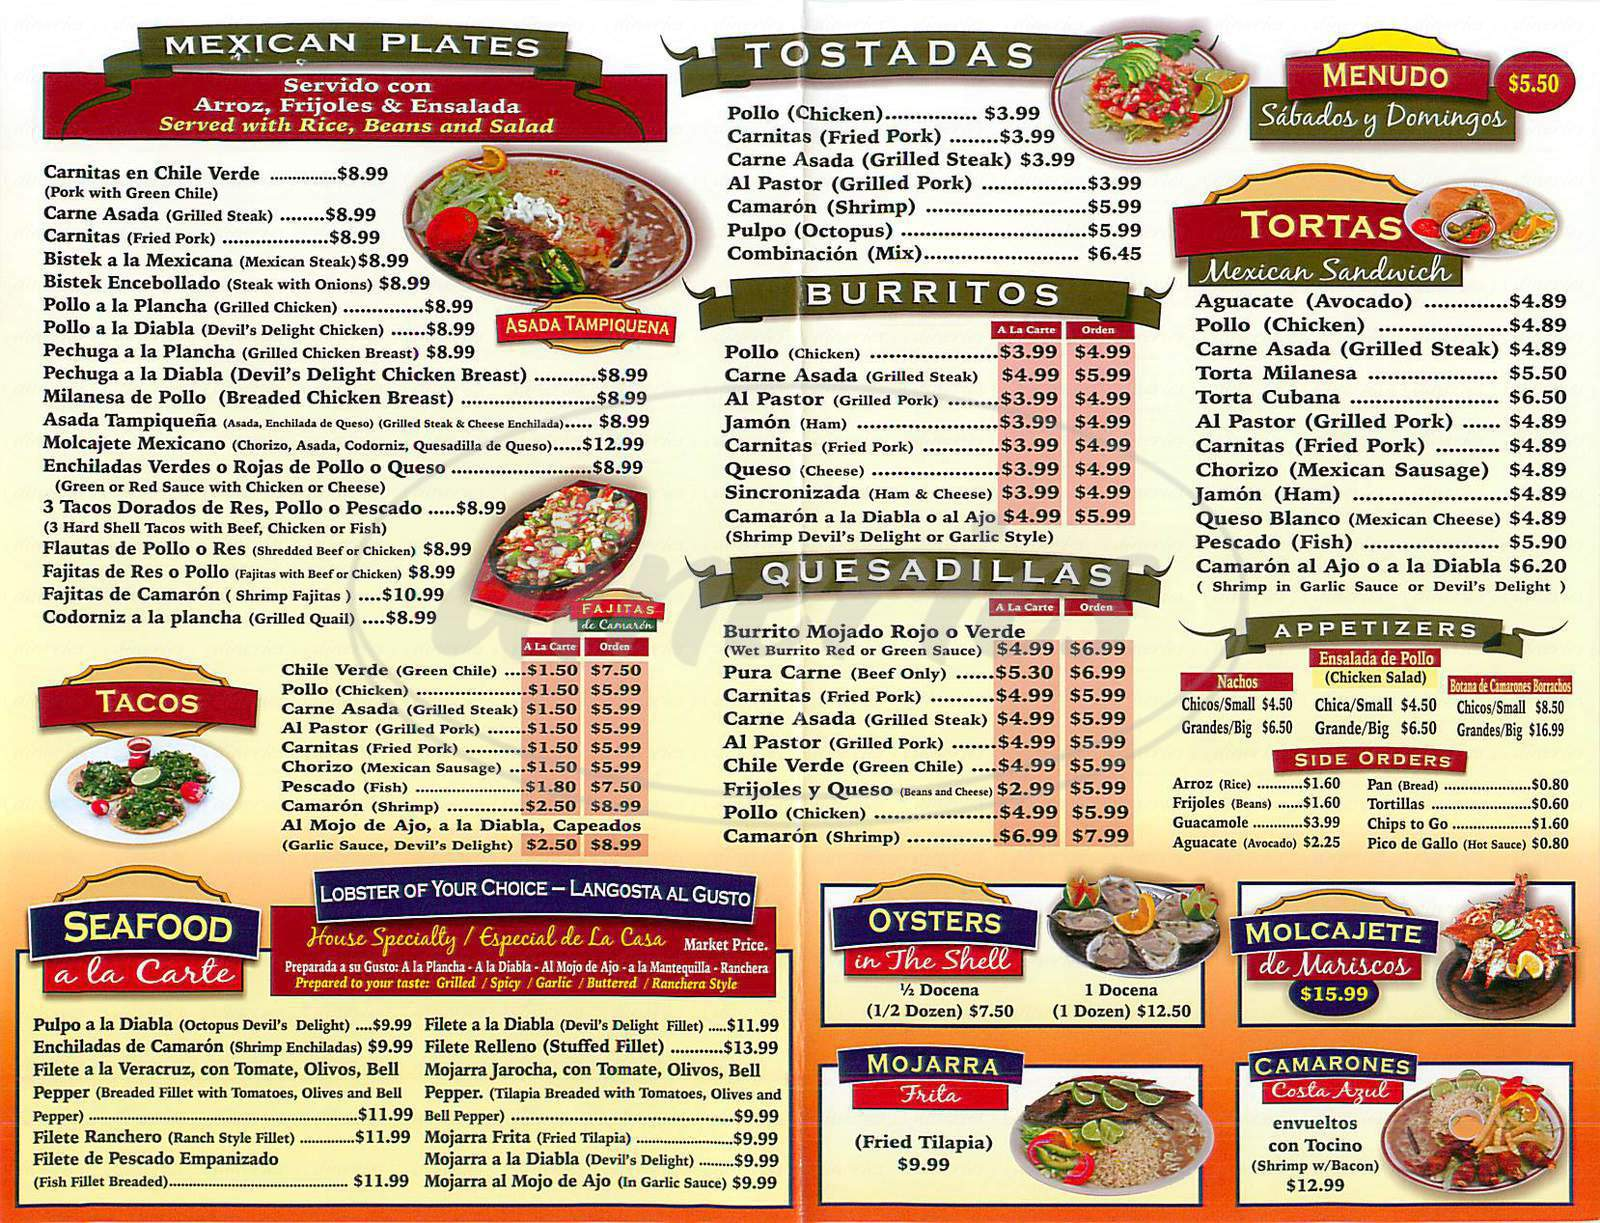 menu for El Mirador Restaurant